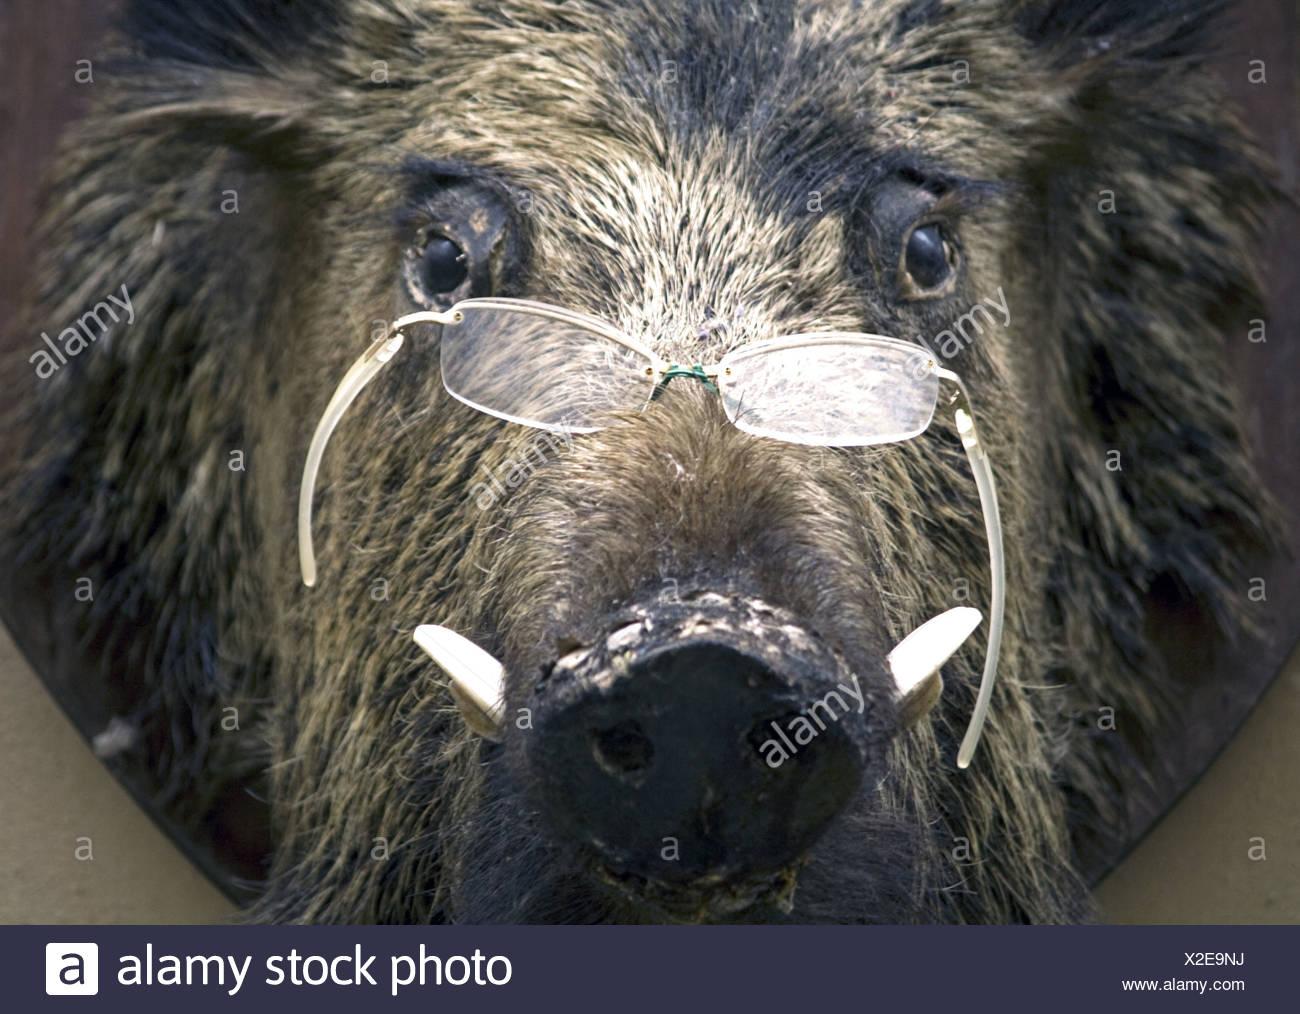 Wild pig's head, Volterra, Tuscany, Italy - Stock Image